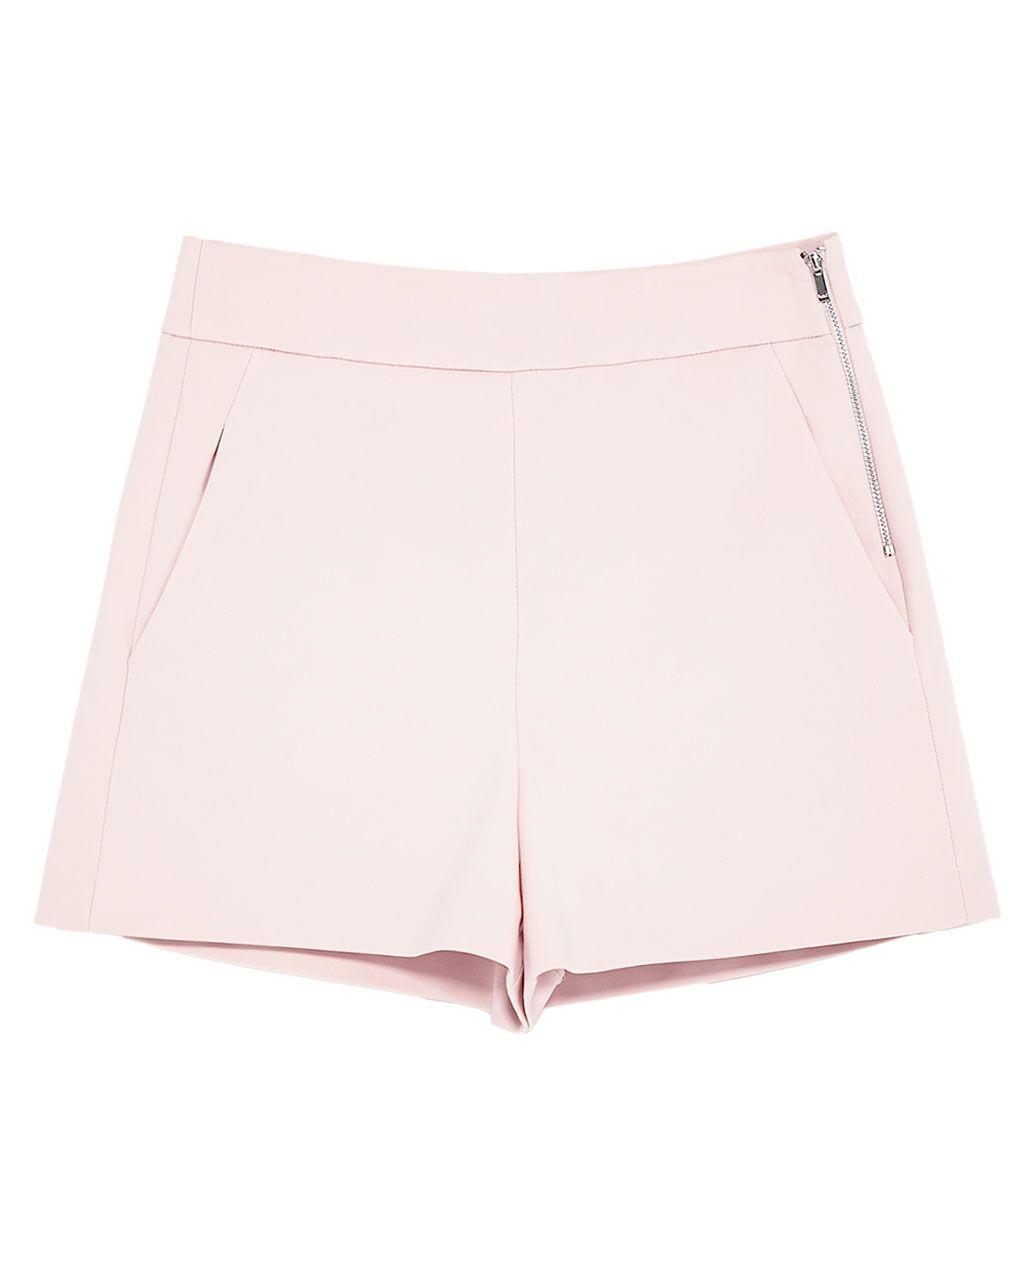 Short Tiro Alto Shorts Mujer Zara España Pantalones Cortos Tiro Alto Shorts Tiro Alto Pantalon Tiro Alto